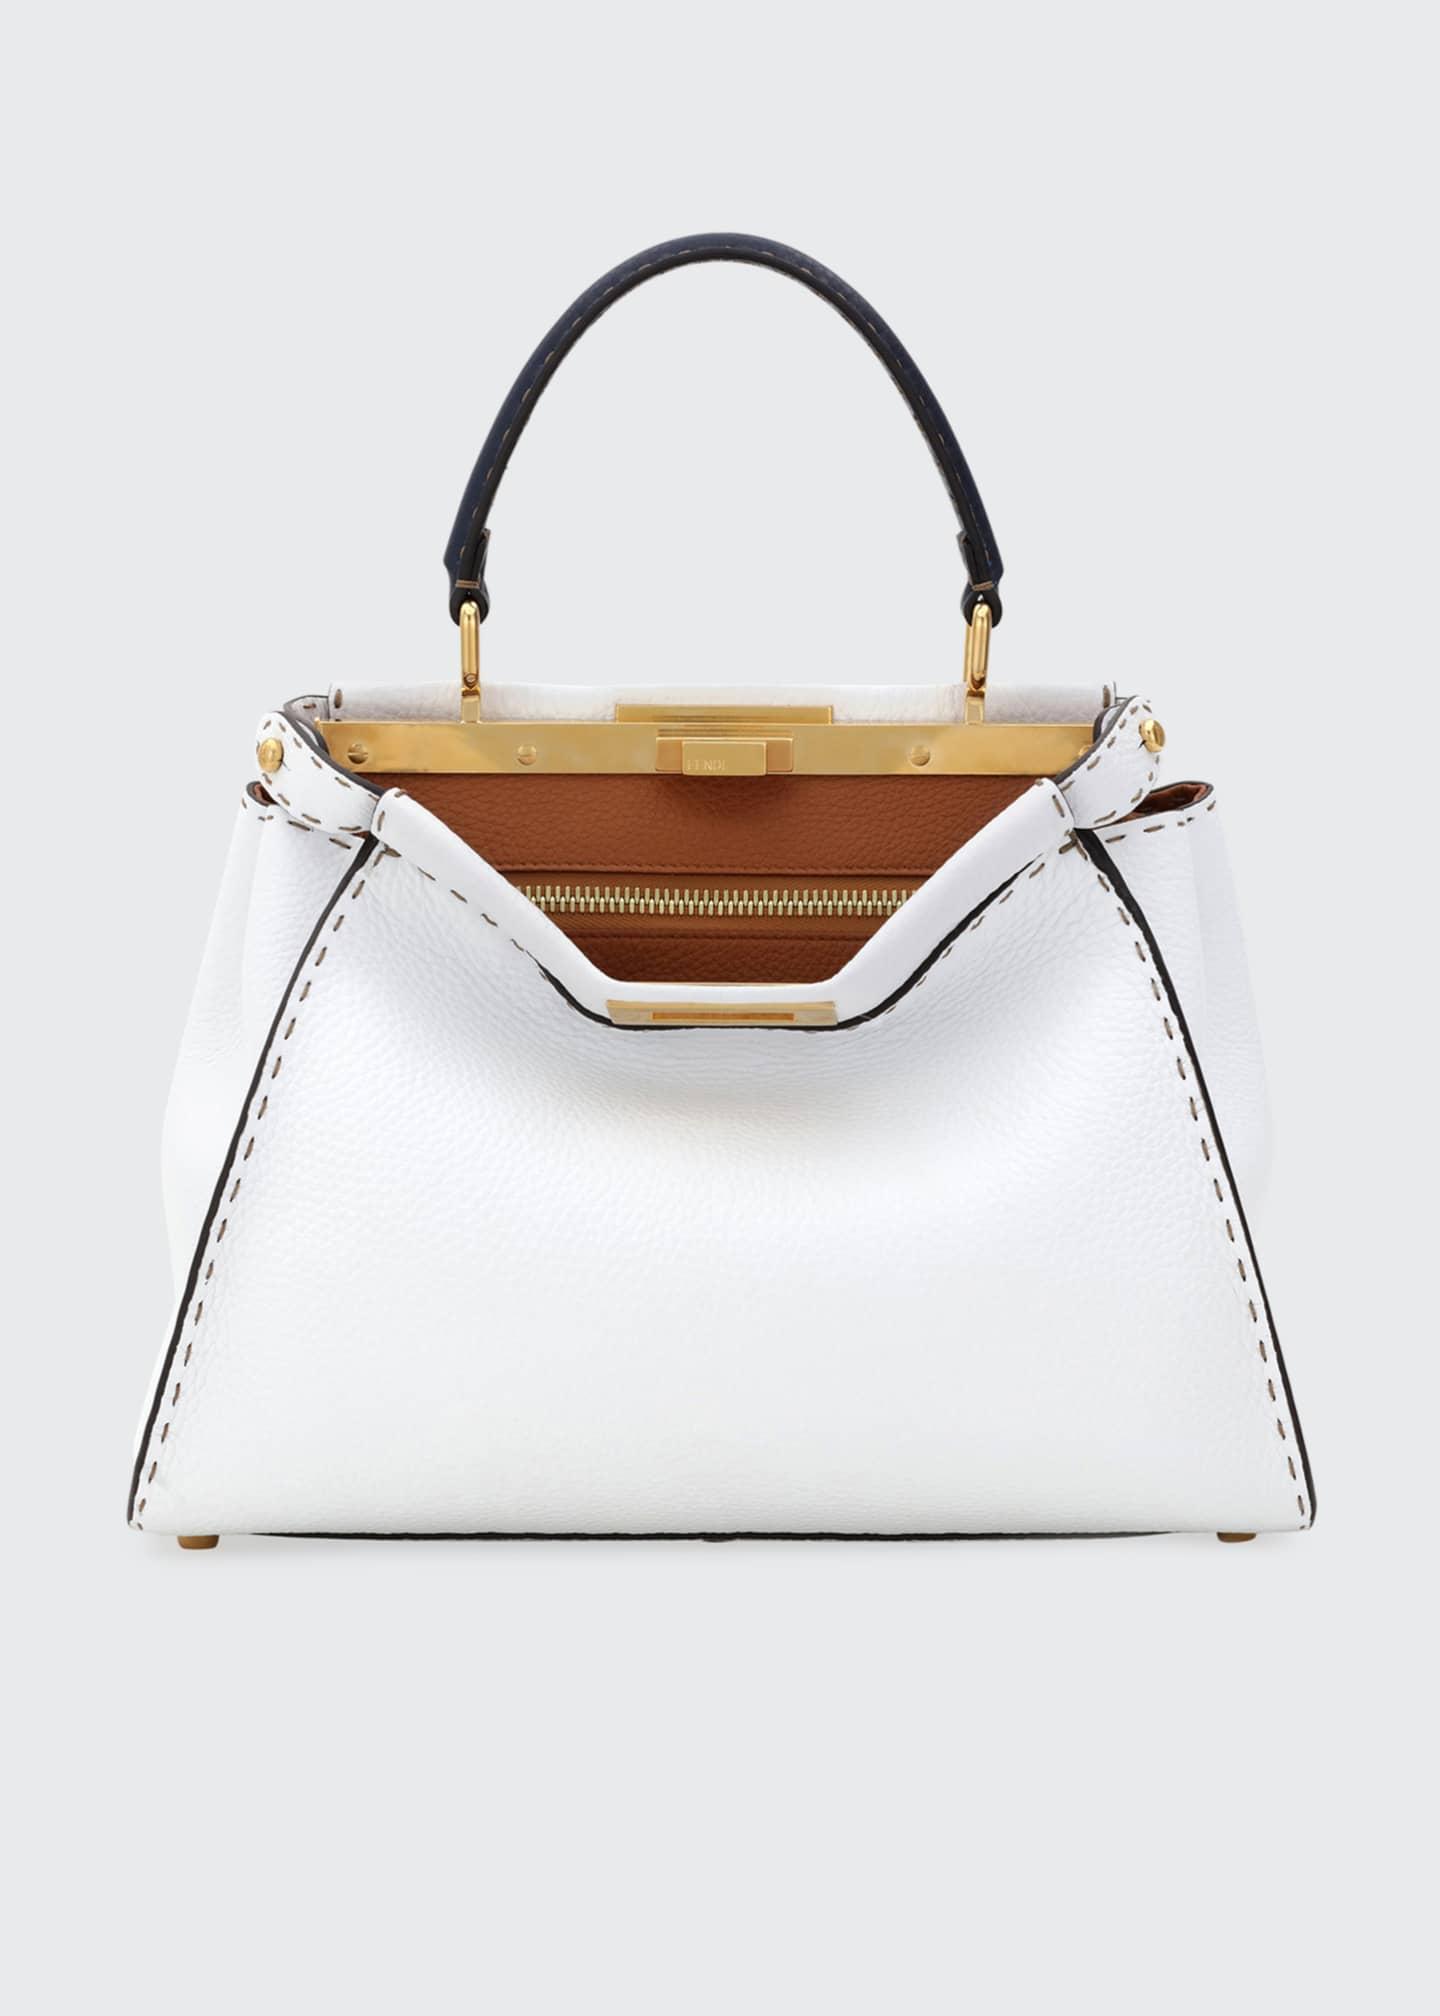 Fendi Peekaboo Medium Tricolor Leather Satchel Bag